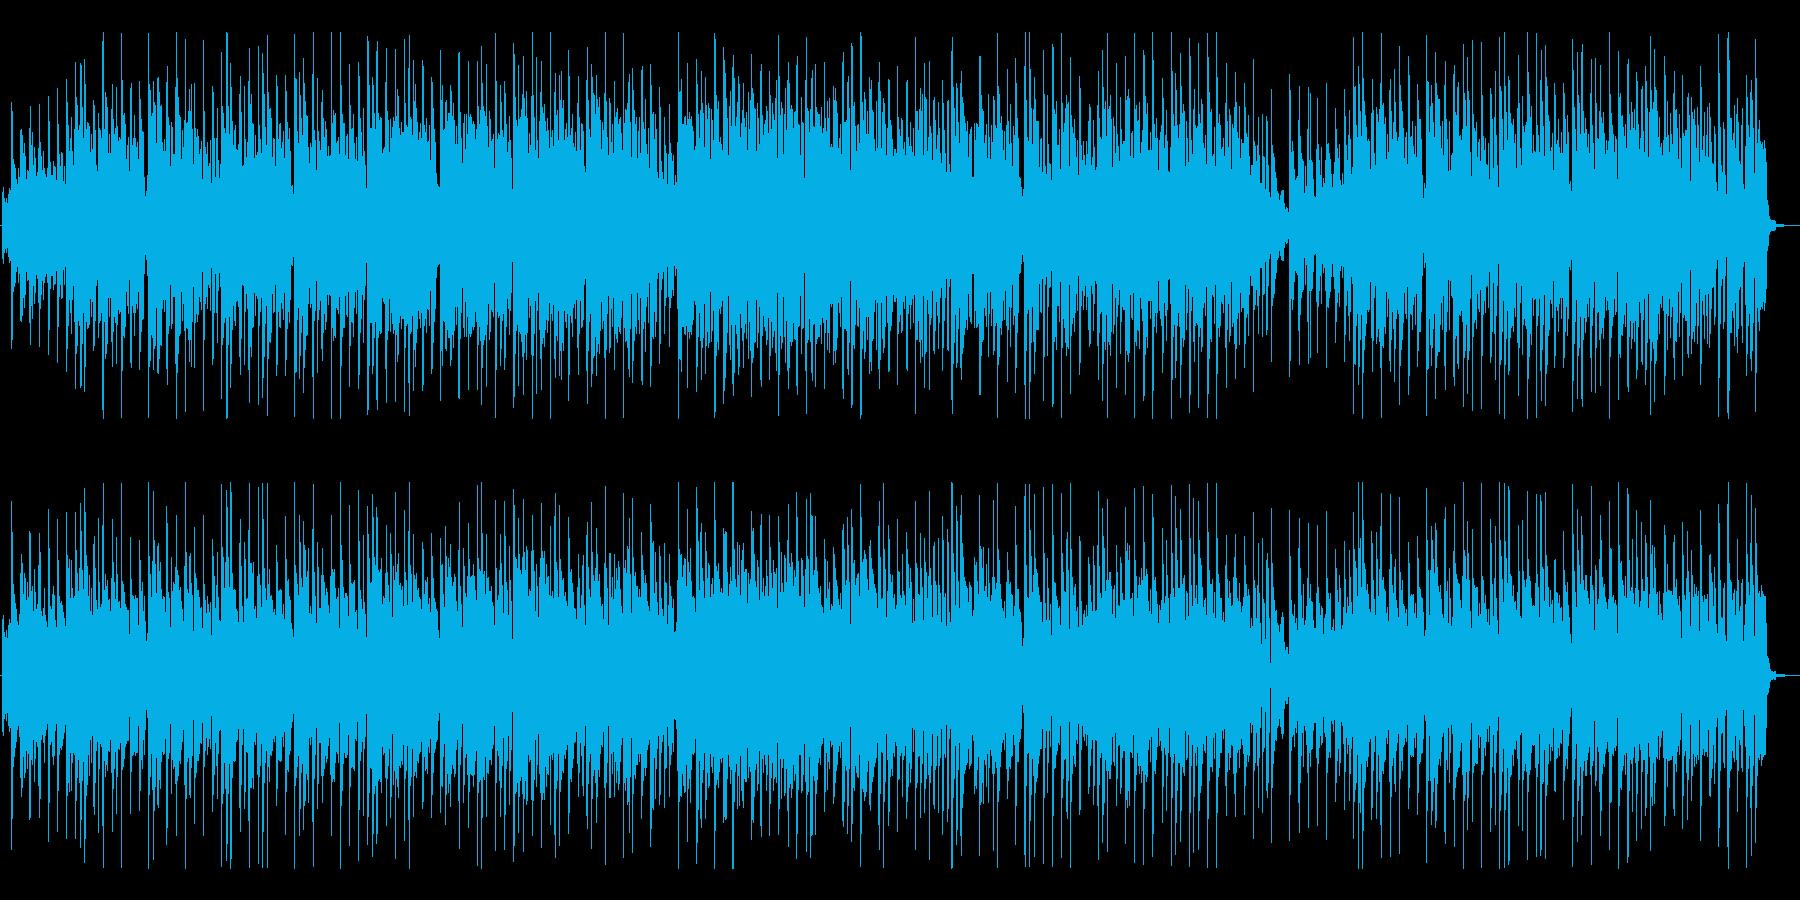 陽気で軽快なカントリー風音楽の再生済みの波形